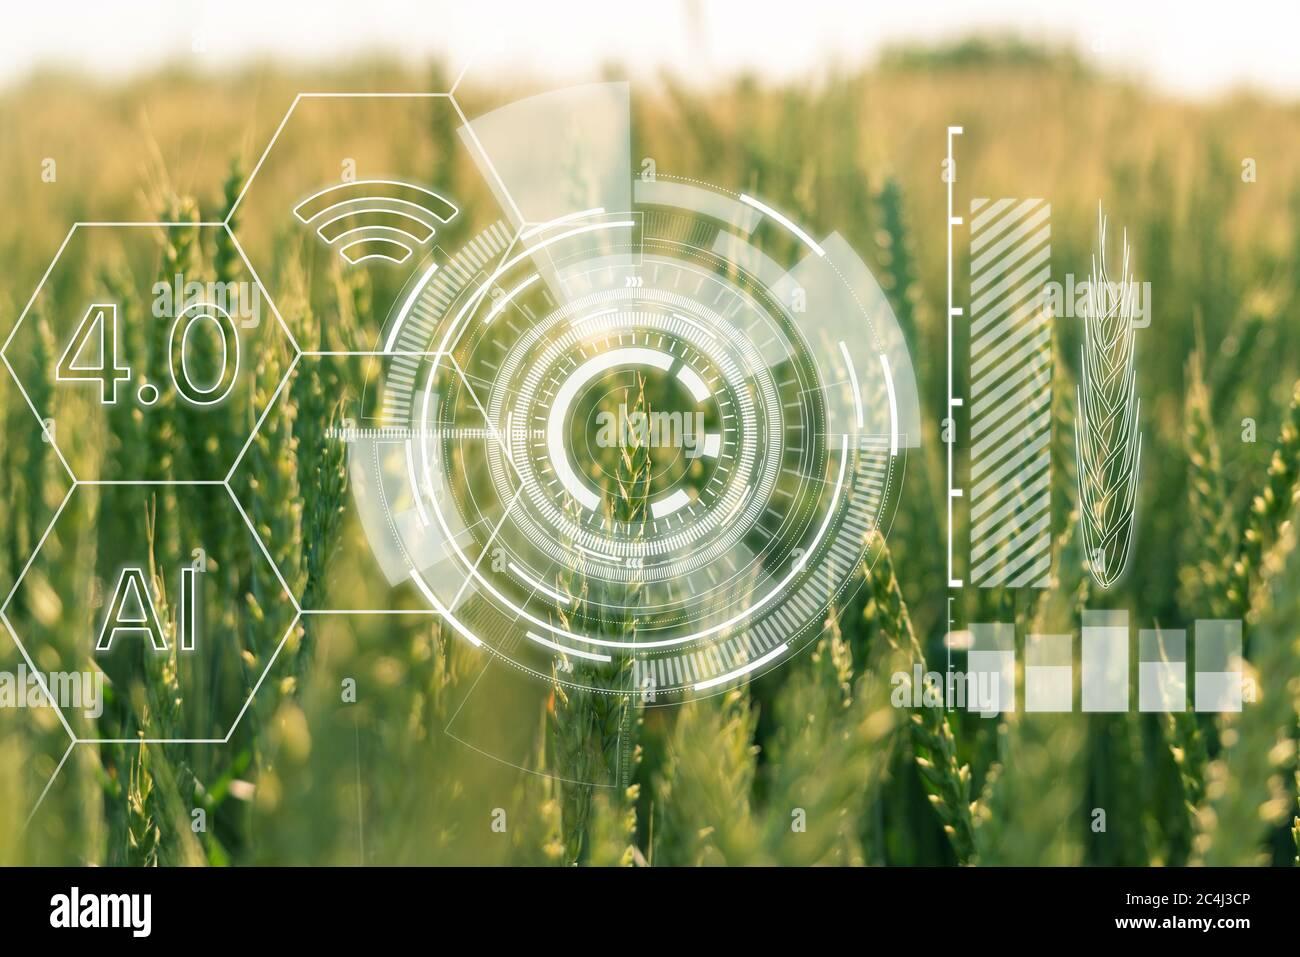 Orejas de trigo con infografía. Agricultura inteligente y agricultura de precisión 4.0 Foto de stock